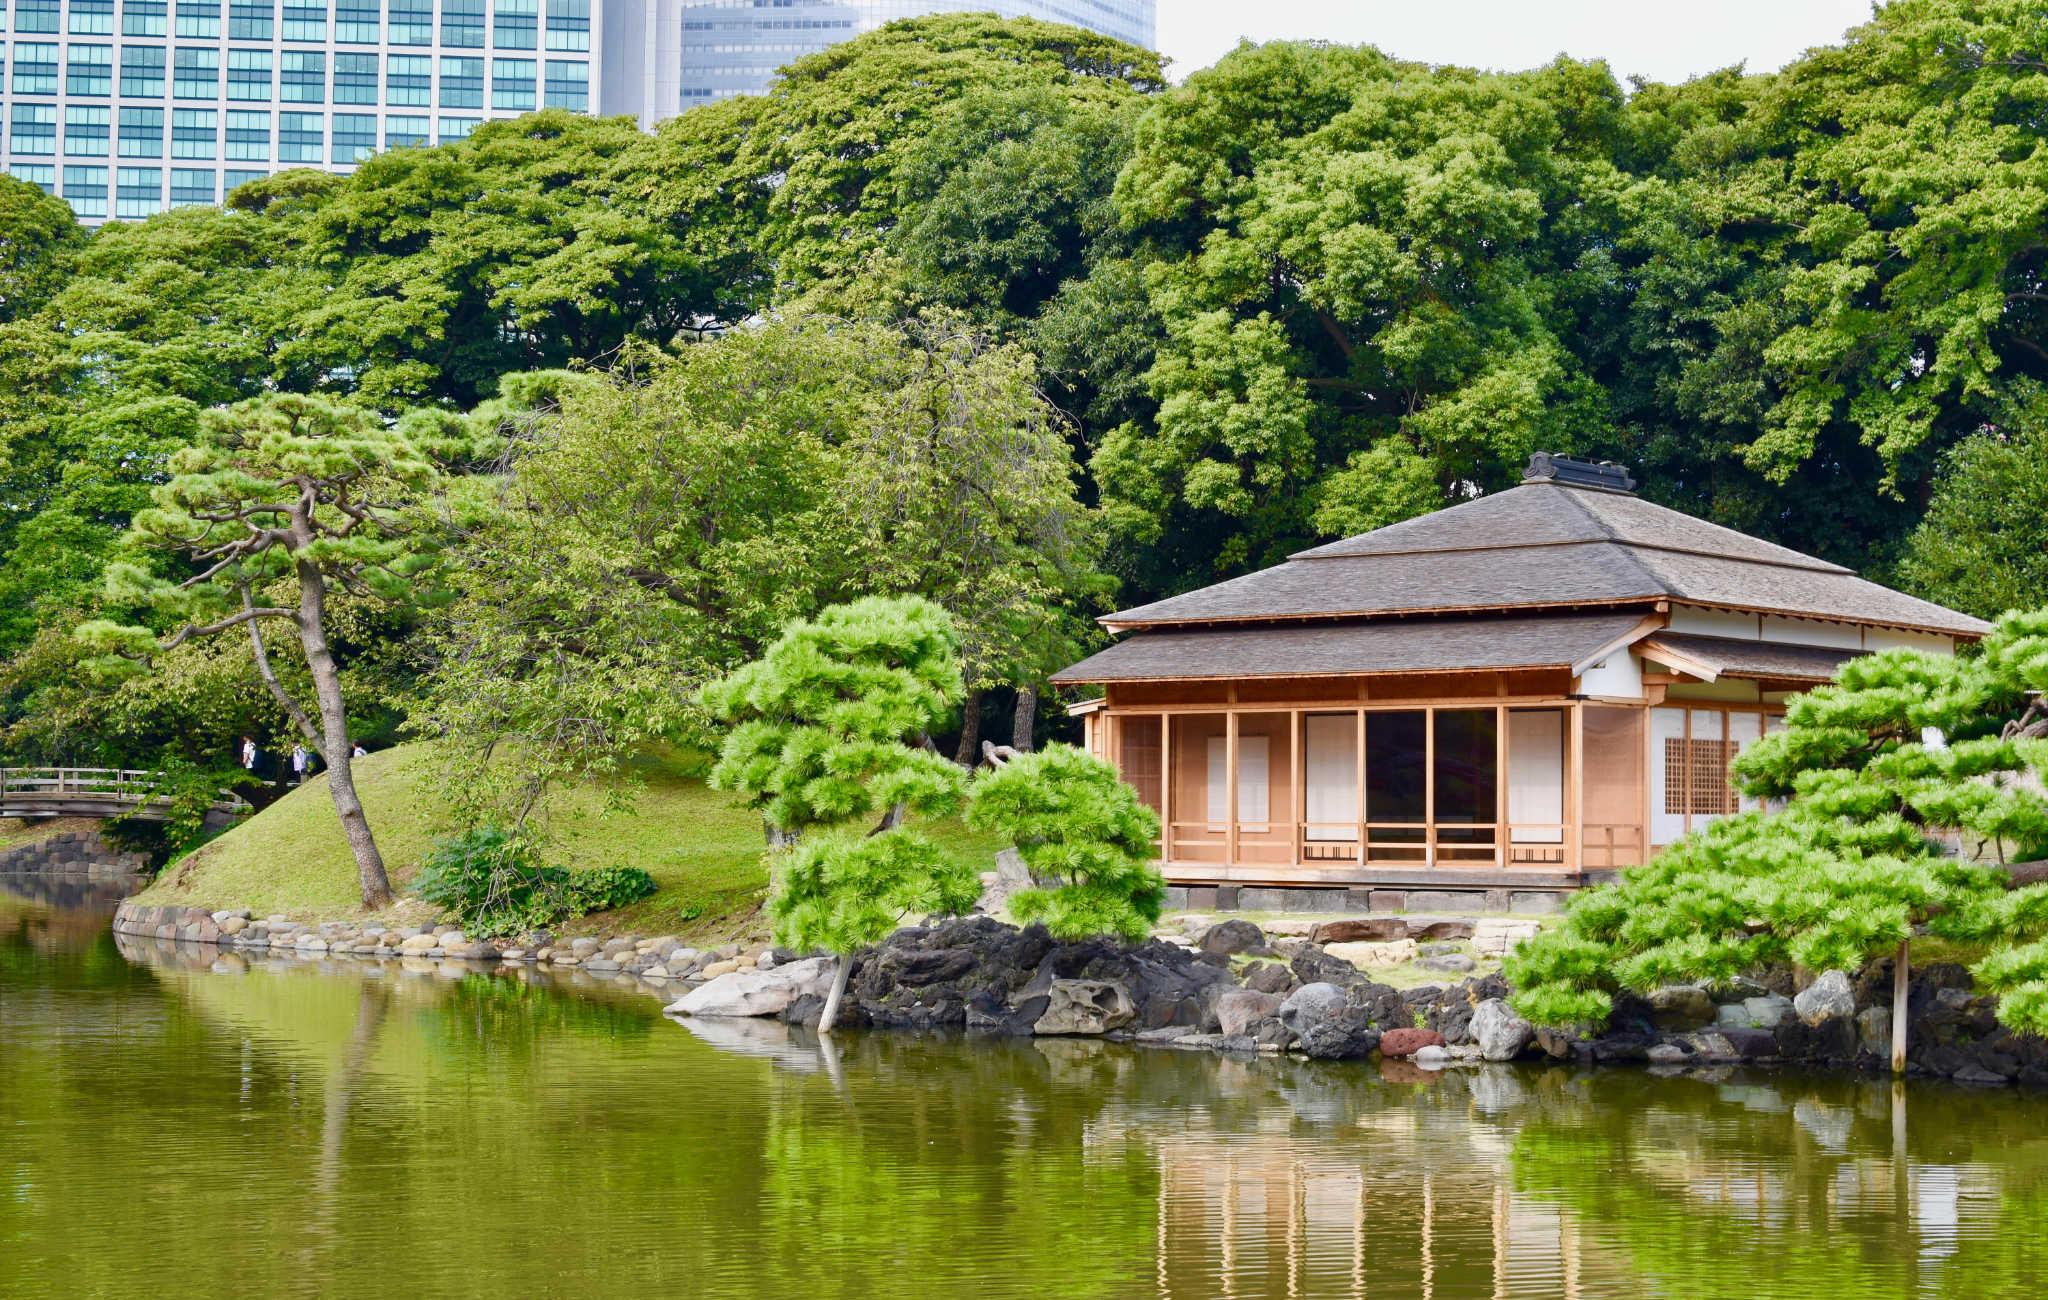 Hama Rikyu est un grand parc entouré de gratte-ciels au centre de Tokyo